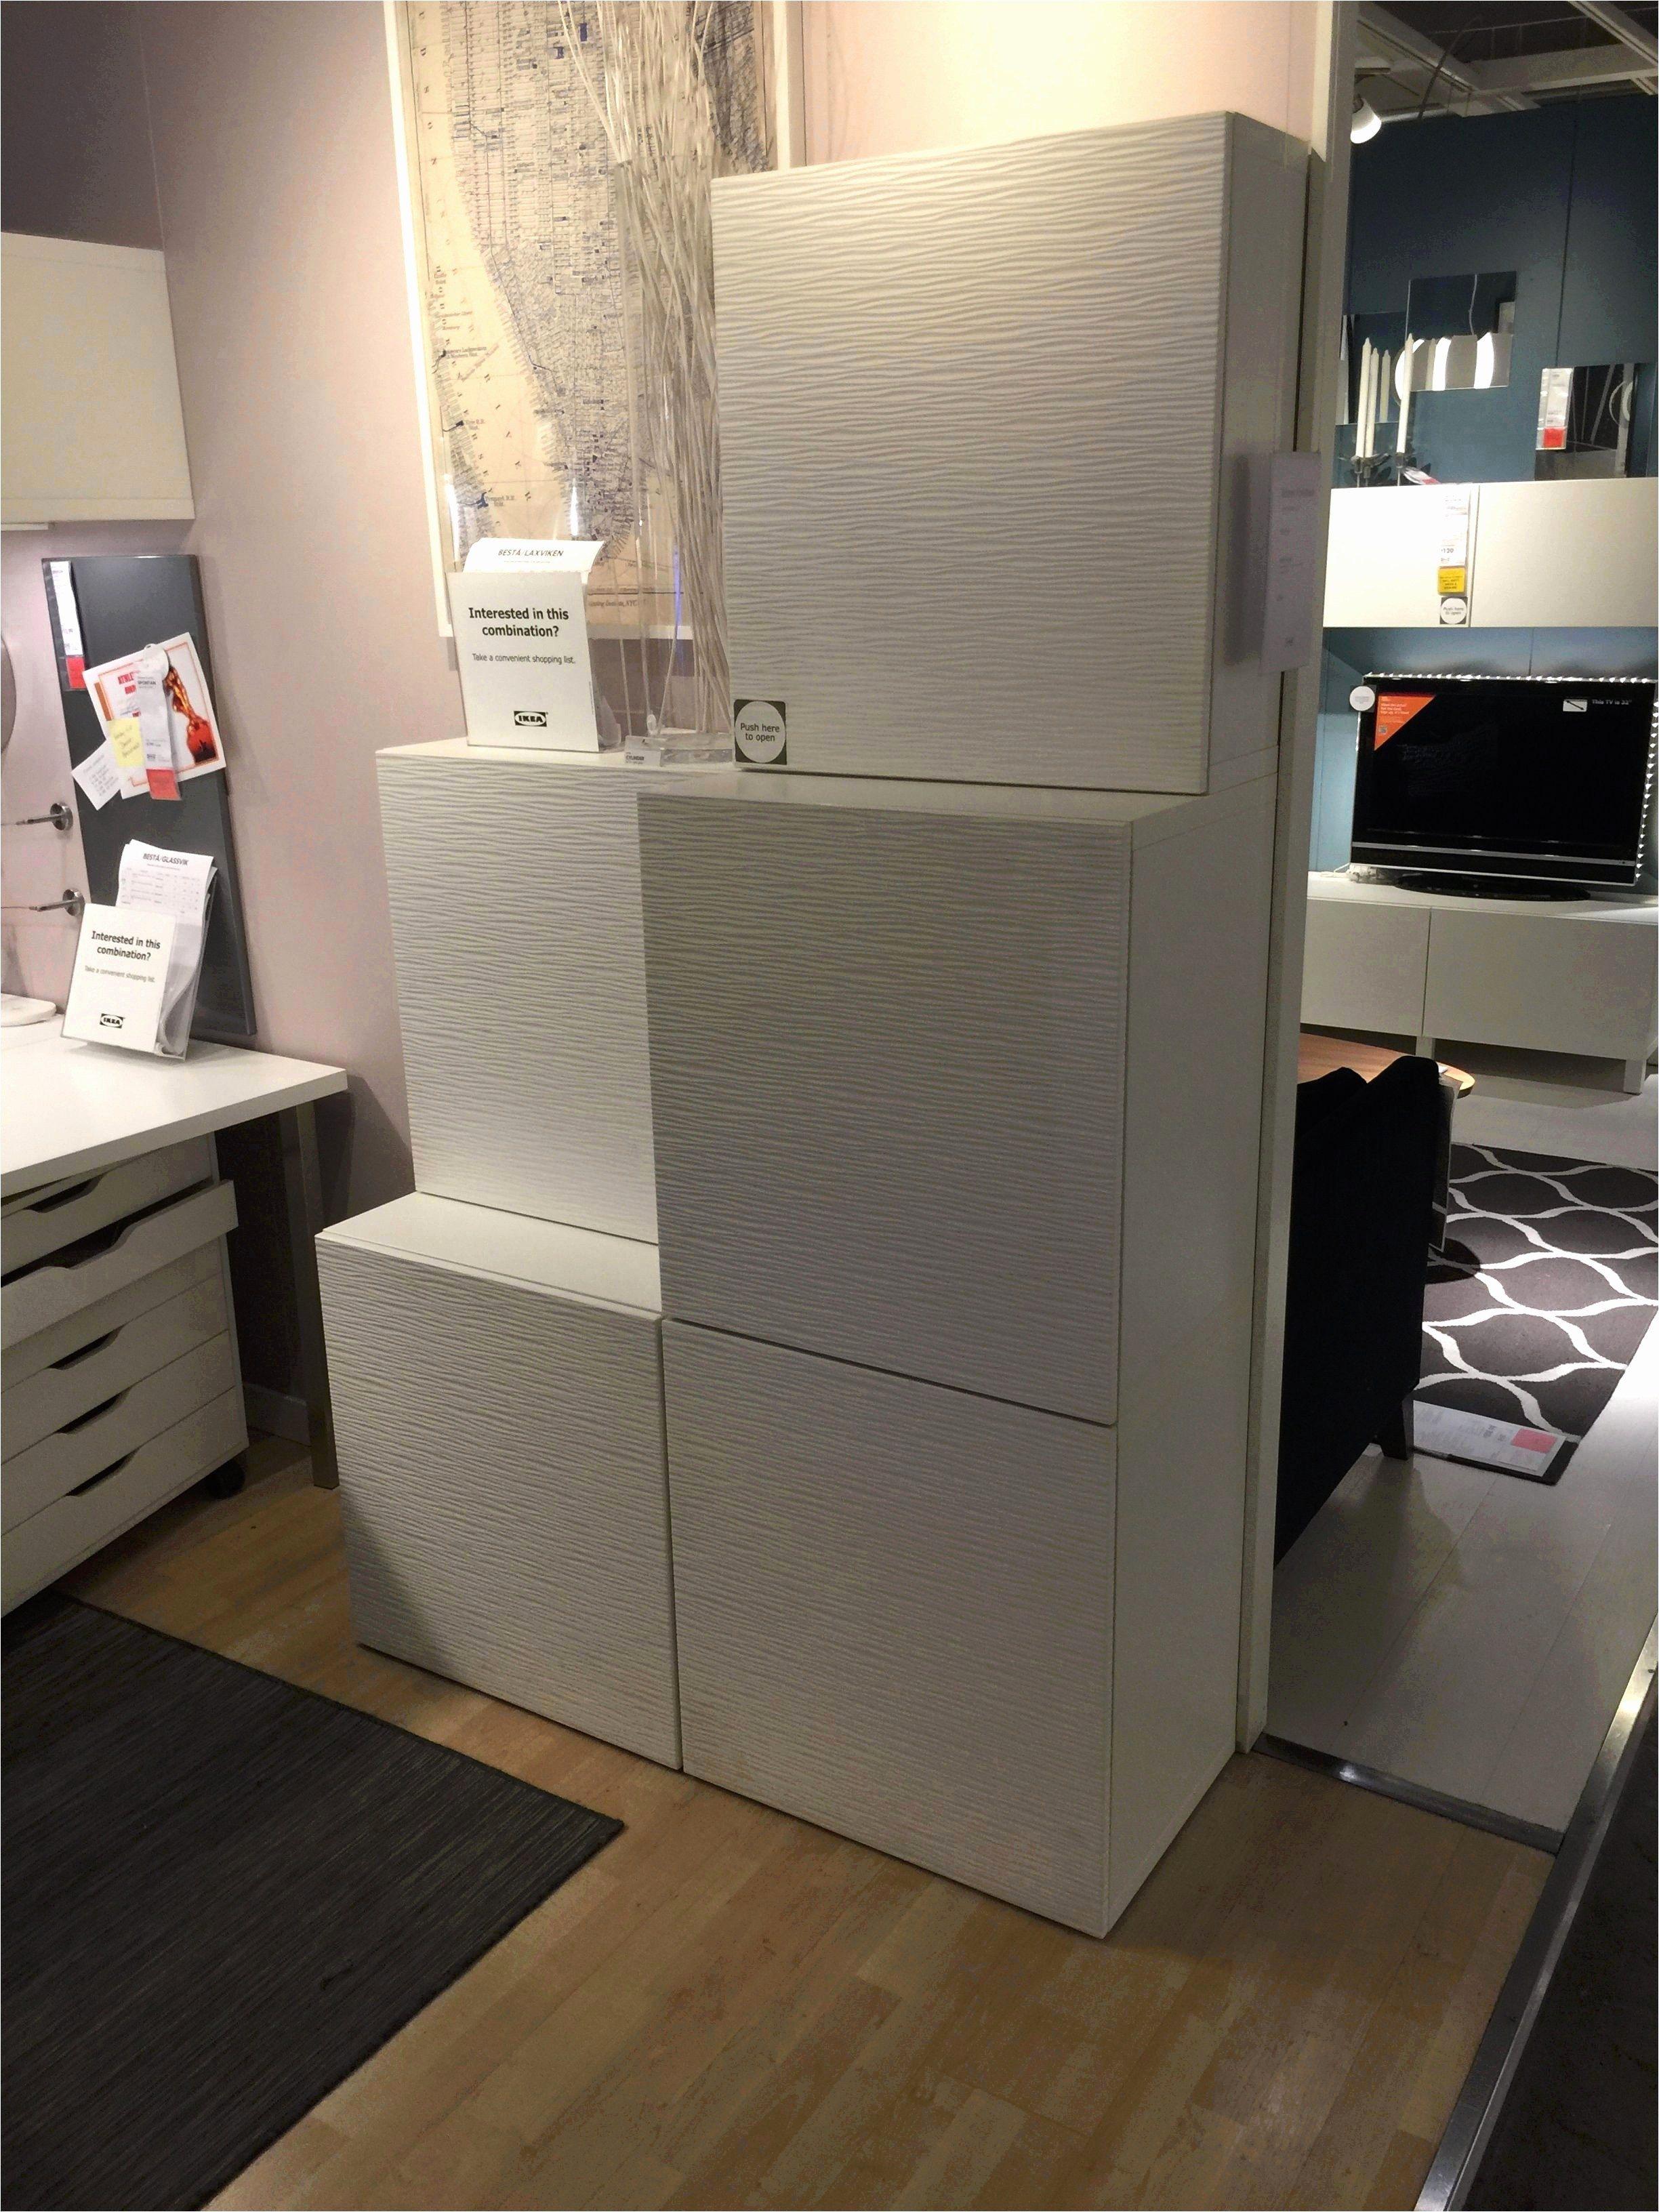 Lit Relevable Ikea Élégant Lit Escamotable Plafond Ikea Génial Luxe élégant Le Meilleur De